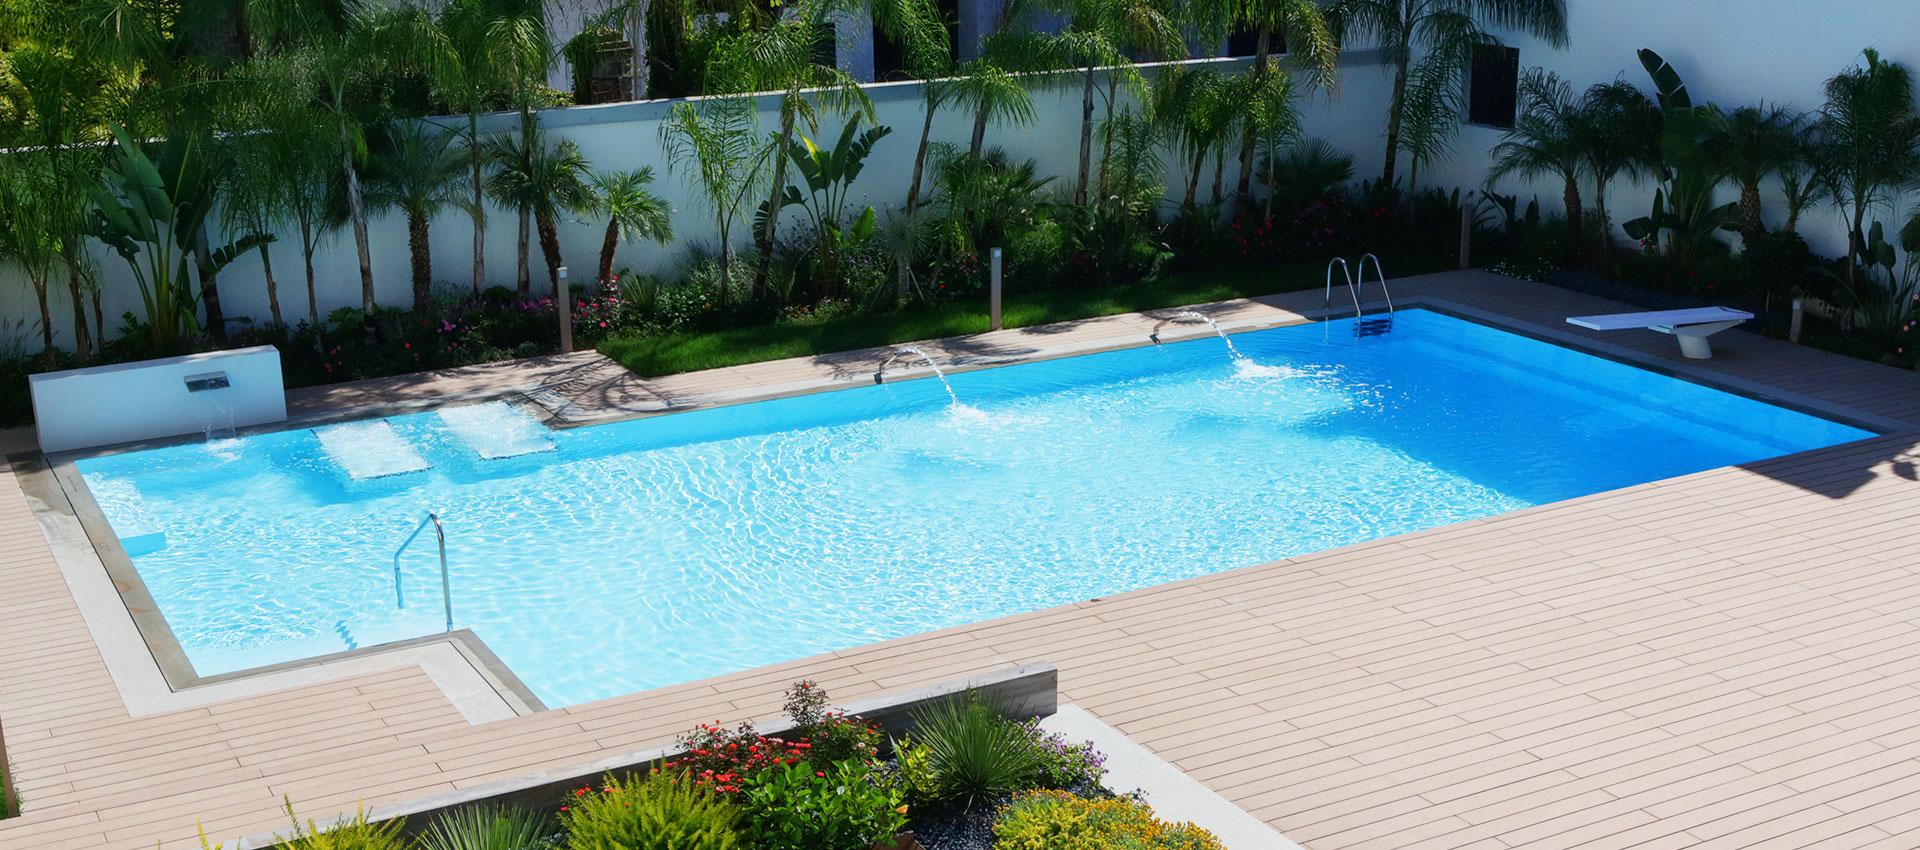 Acqua Azzurra Piscine piscine per il relax: la piscina del benessere ~ piscine